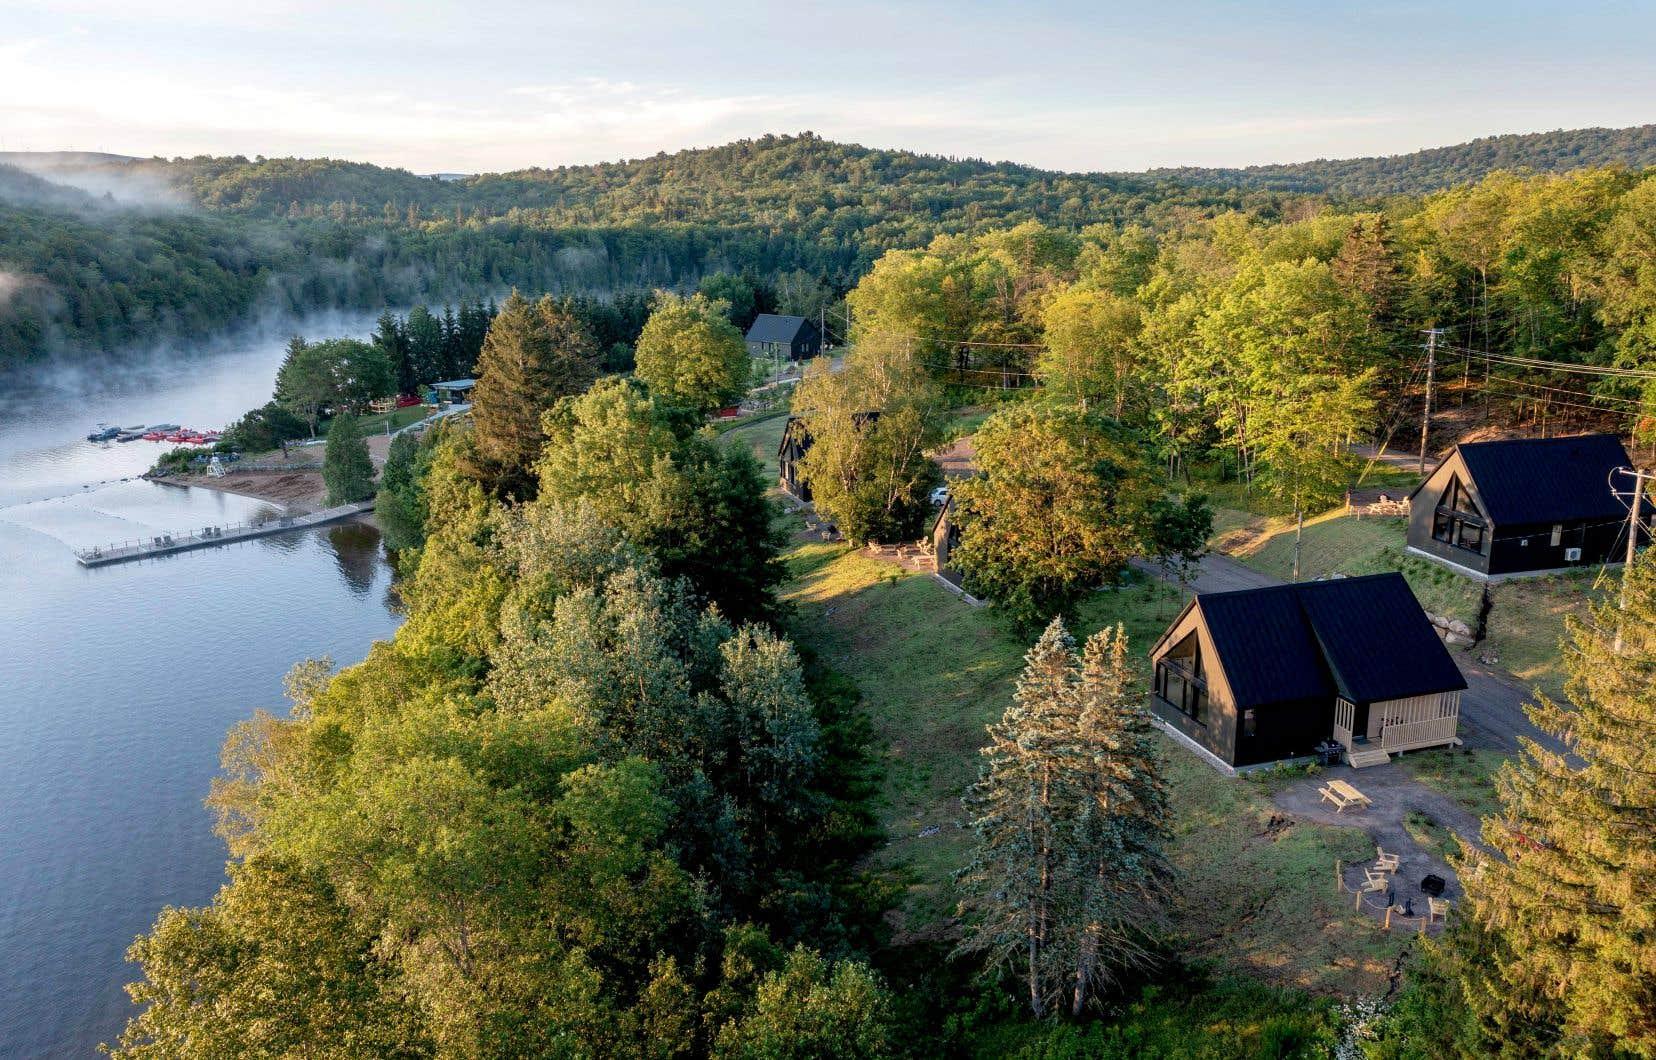 Les nouveaux chalets Oxygène, situés sur les rivages du lac Saint-Joseph, ont une large fenestration qui permet à leurs occupants de vivre une immersion réussie en forêt.